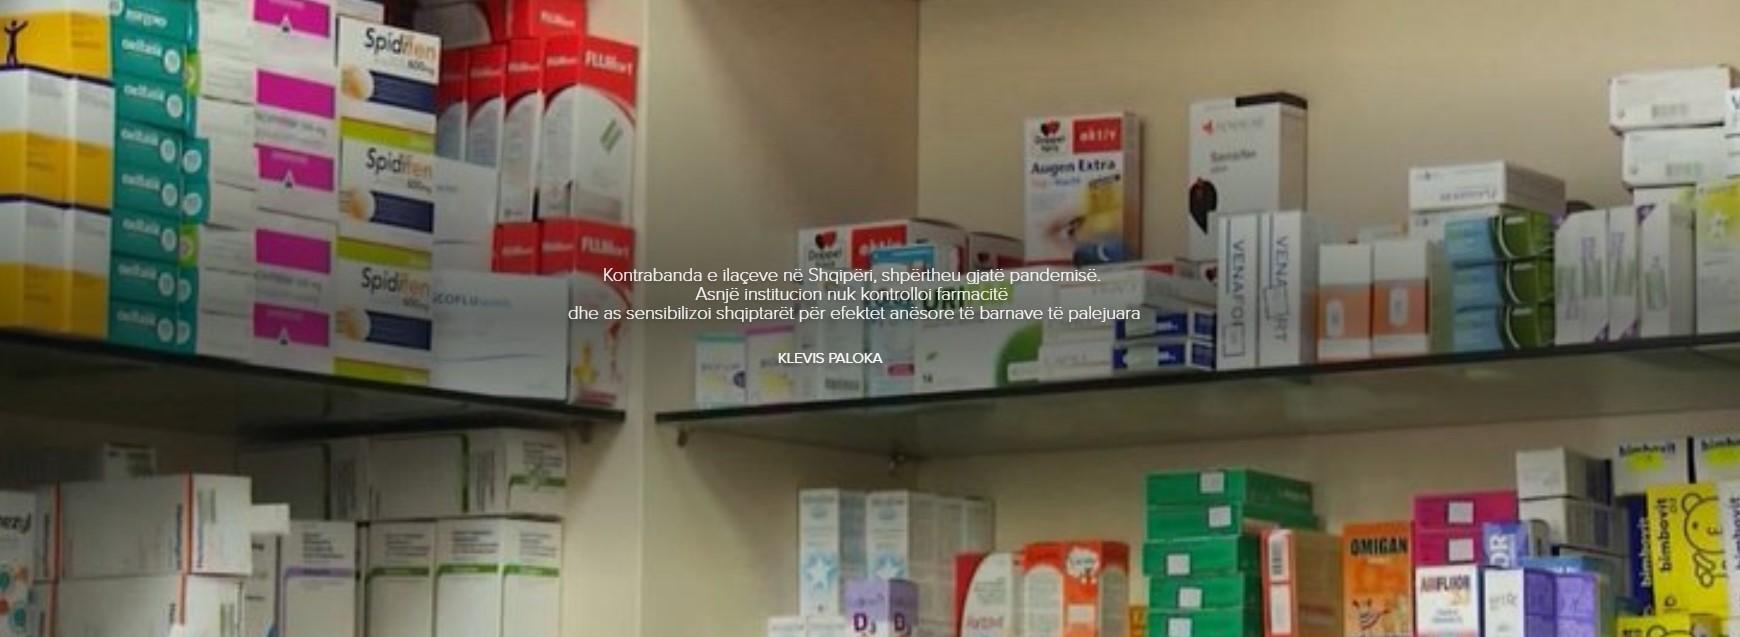 Kontrabanda e ilaçeve në Shqipëri, shpërtheu gjatë pandemisë. Asnjë institucion nuk kontrolloi farmacitë dhe as sensibilizoi shqiptarët për efektet anësore të barnave të palejuara